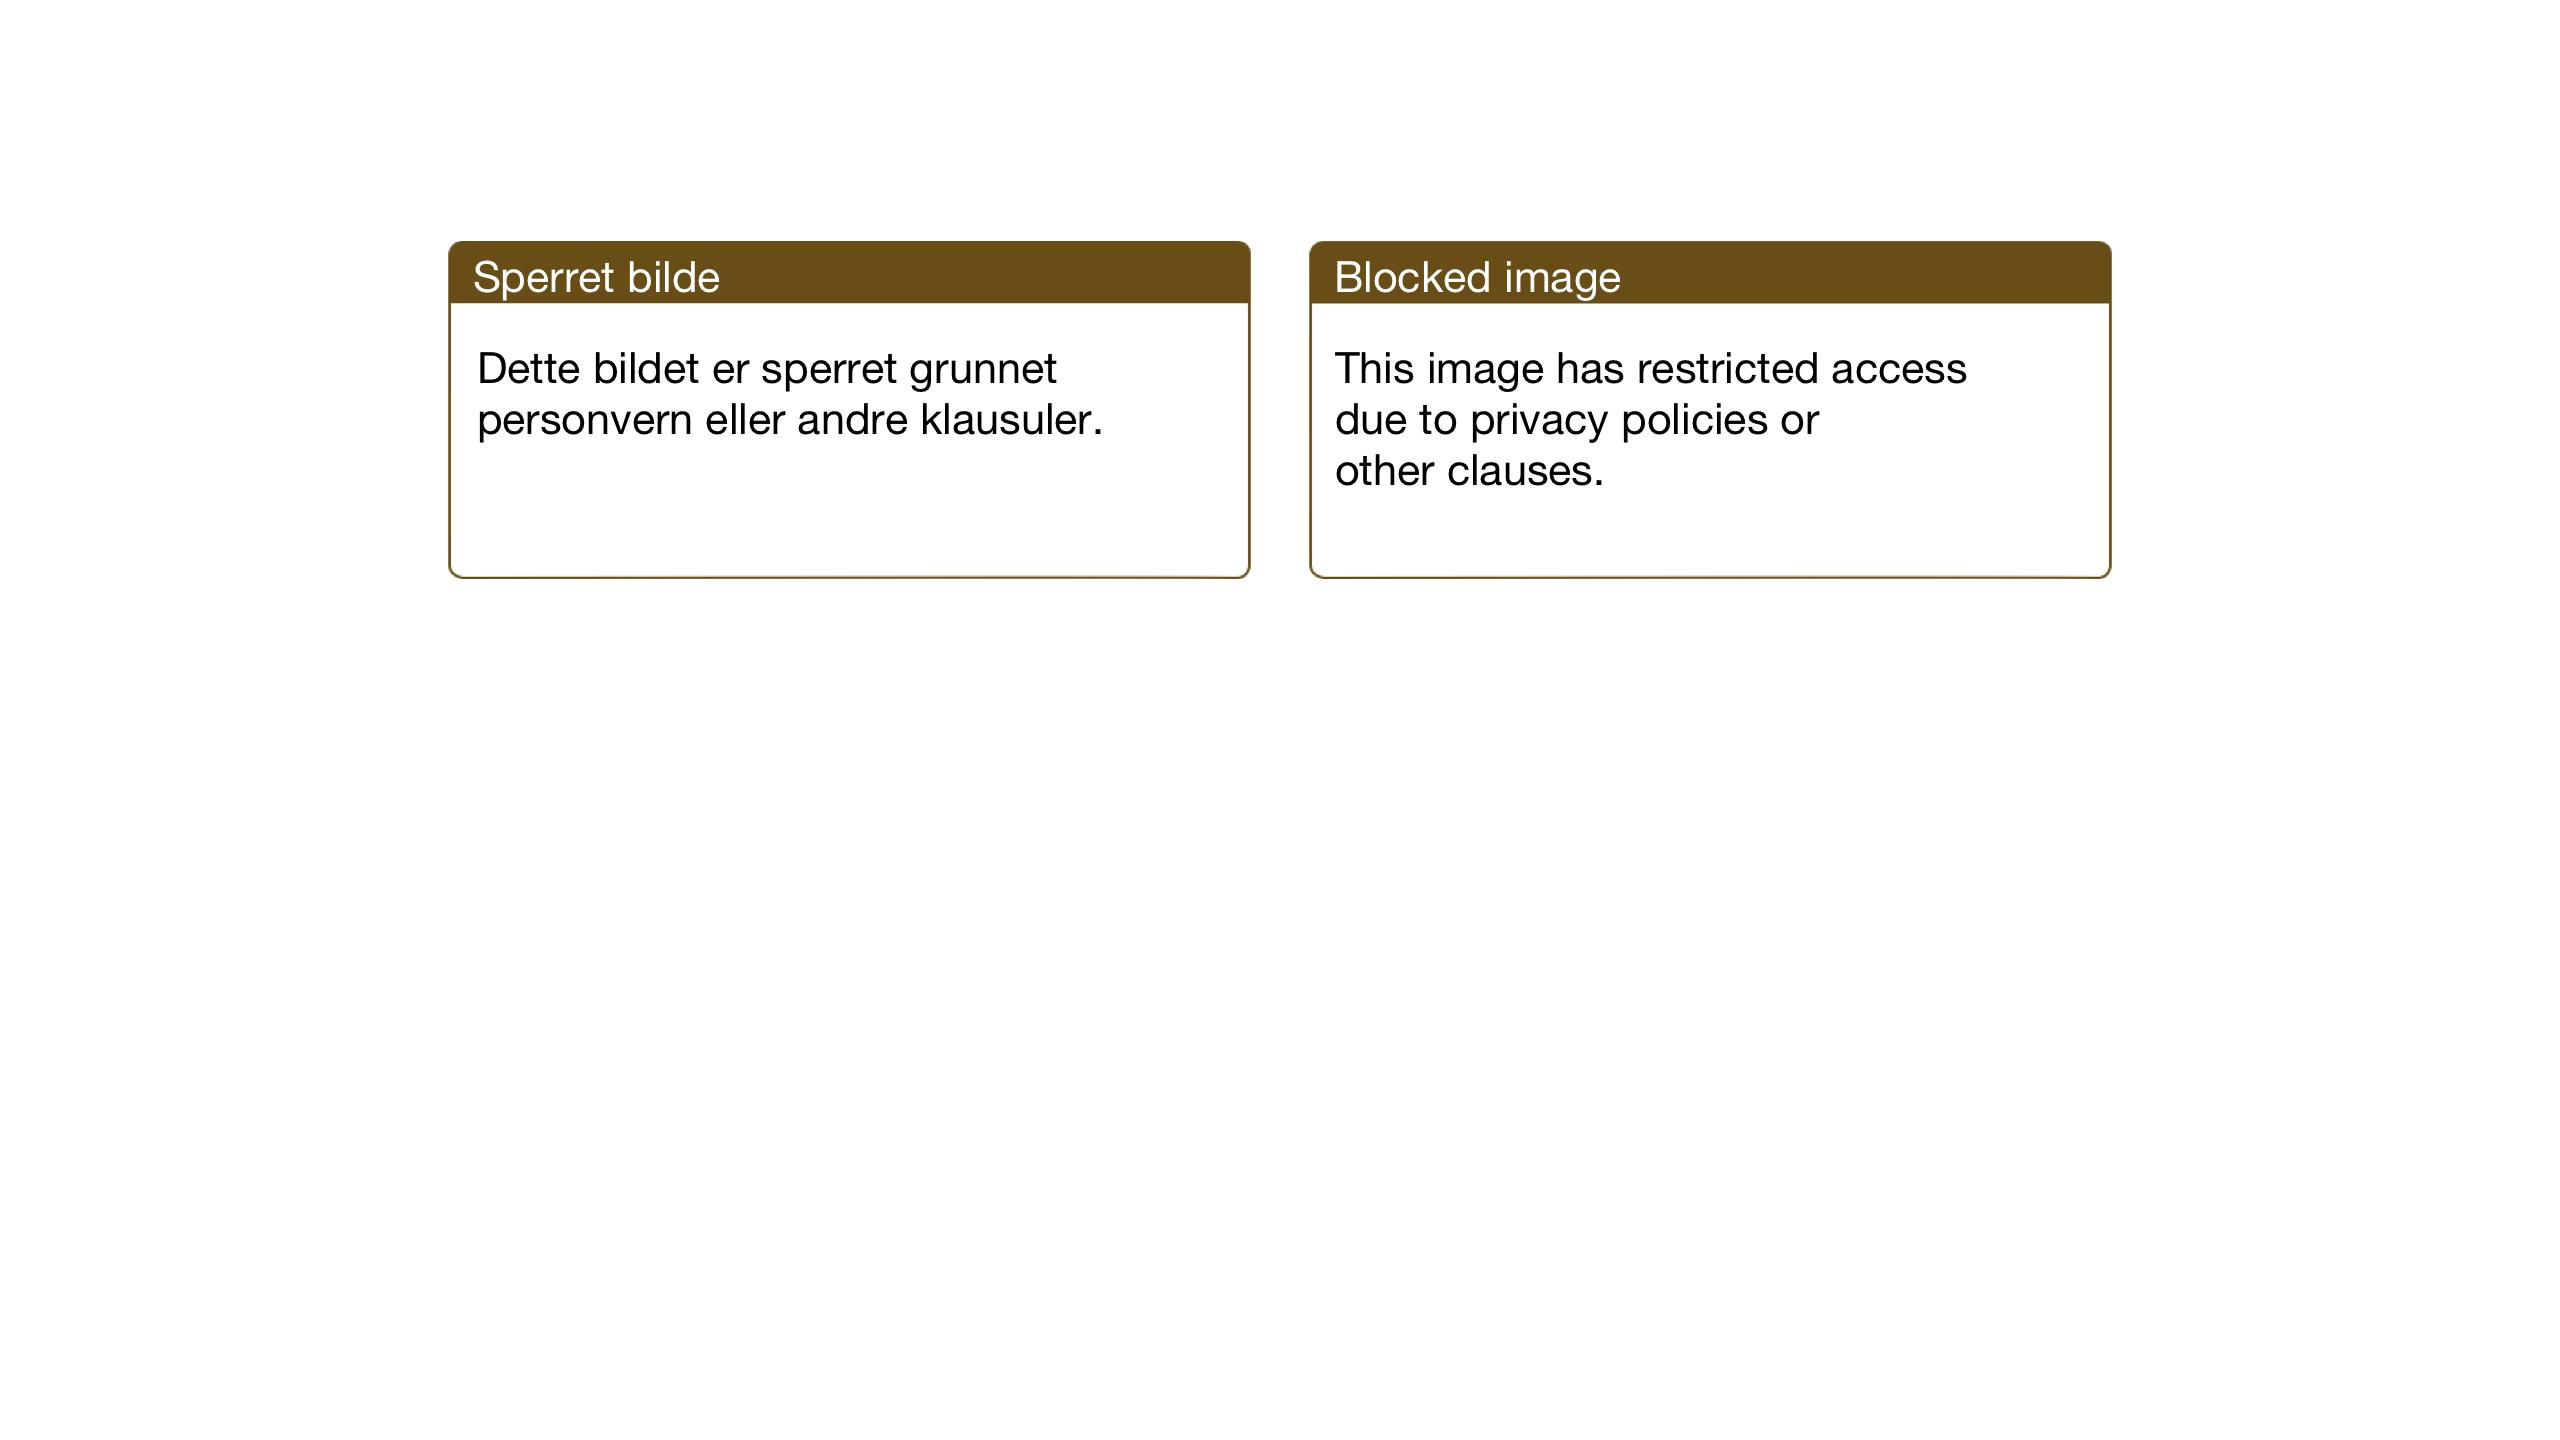 SAT, Ministerialprotokoller, klokkerbøker og fødselsregistre - Sør-Trøndelag, 637/L0564: Klokkerbok nr. 637C05, 1928-1968, s. 215